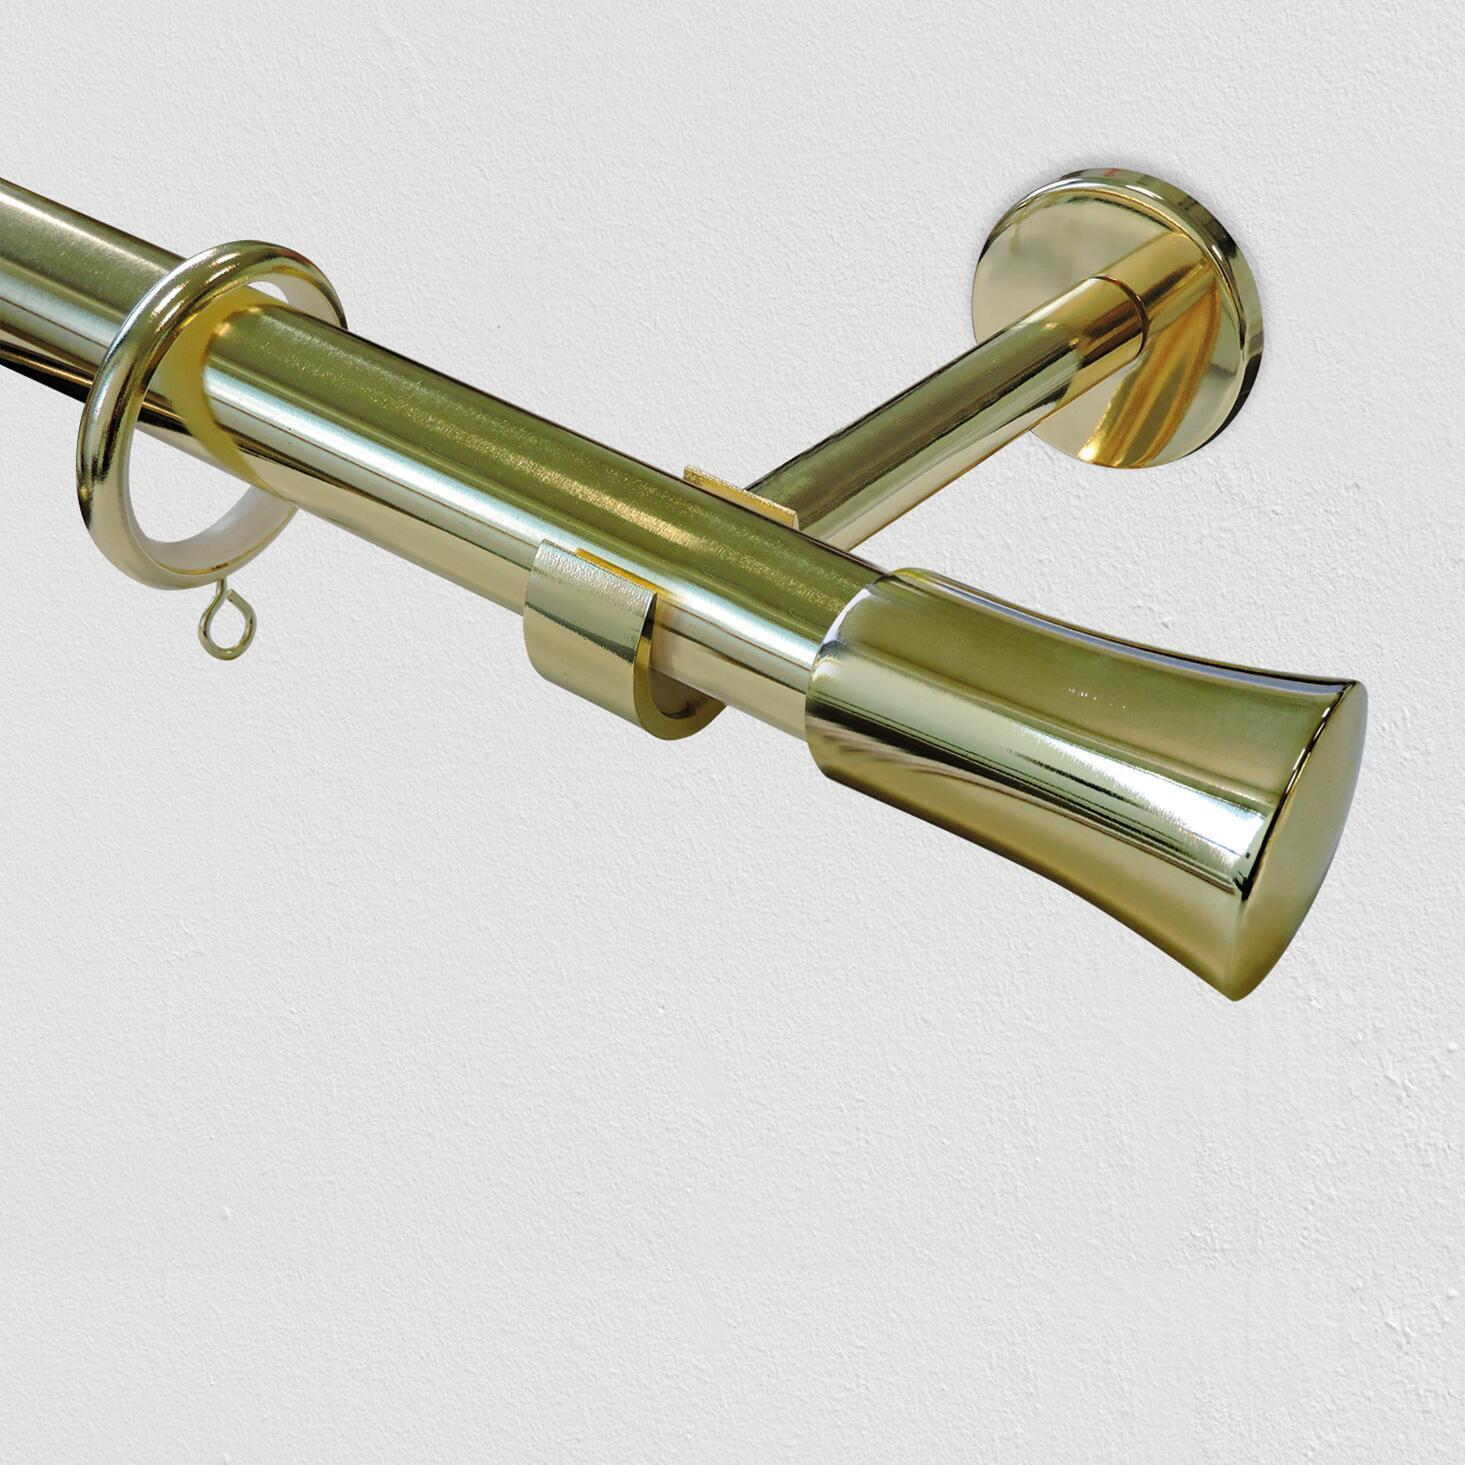 Supporto singolo aperto estensibile Ø28mm Agra EASY FIX in metallo ottone lucido 14cm INSPIRE - 2